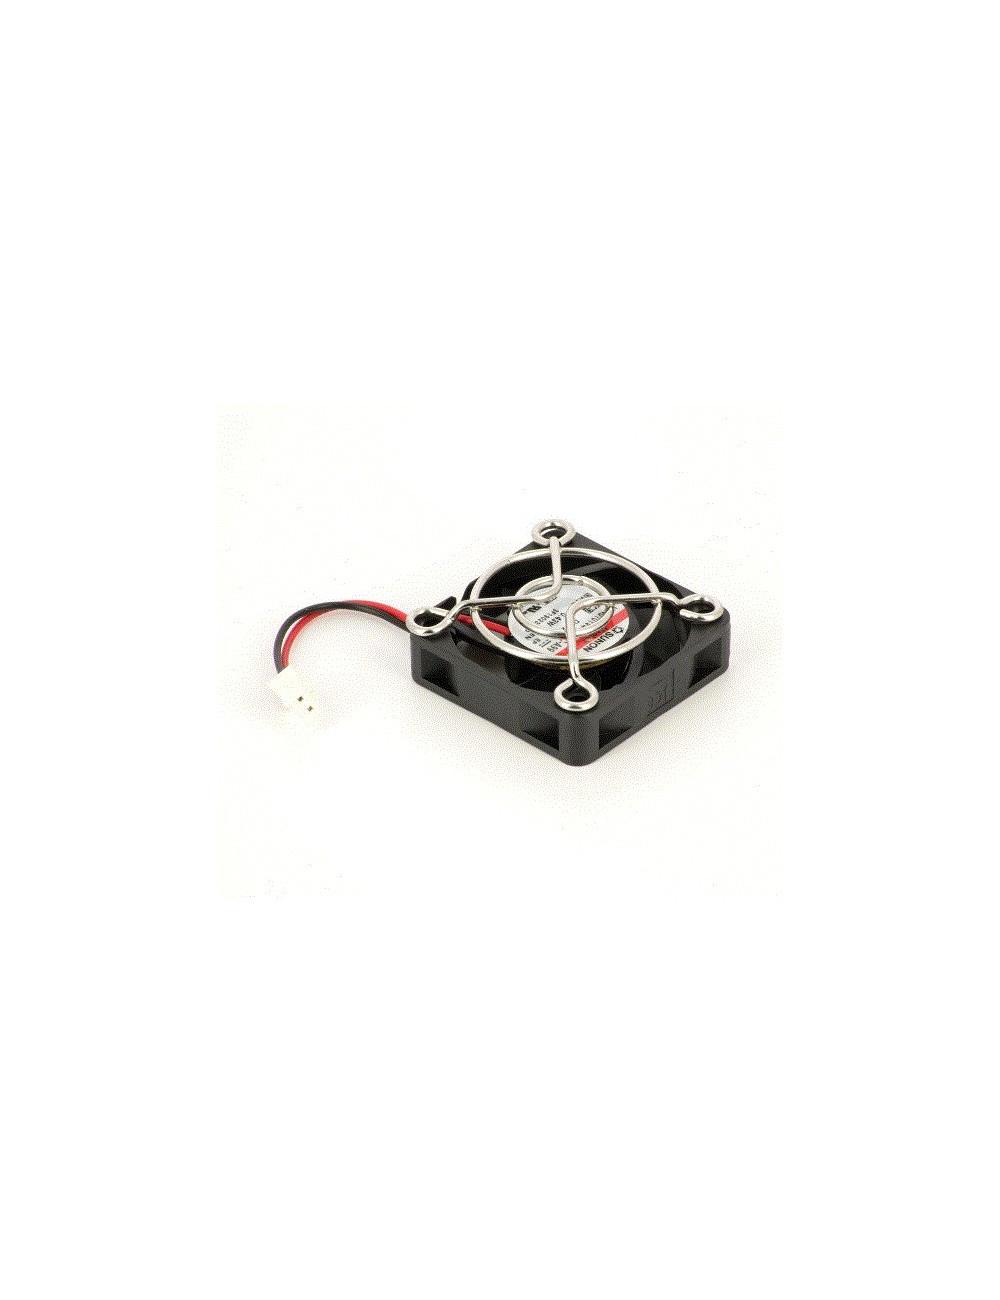 Ventilateur pour caméra refroidie ZWO ASI